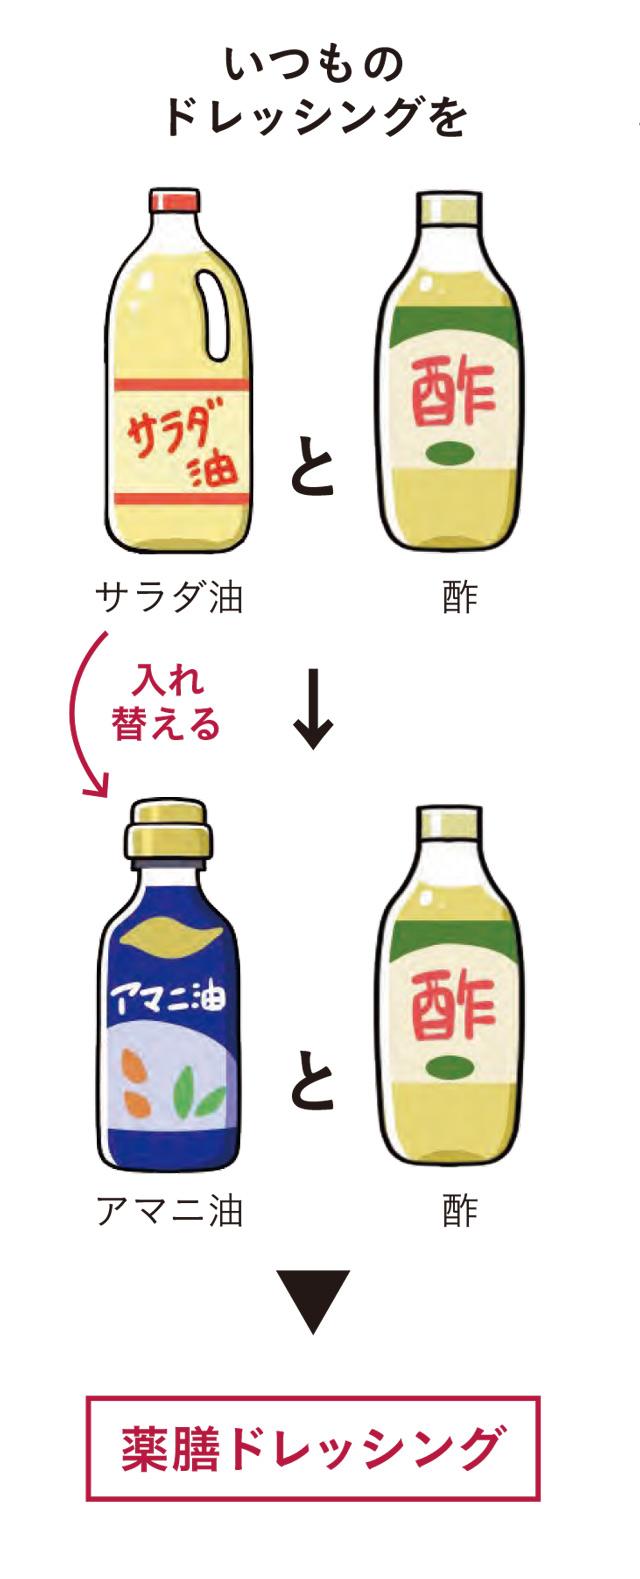 yakuzen_002-020.jpg